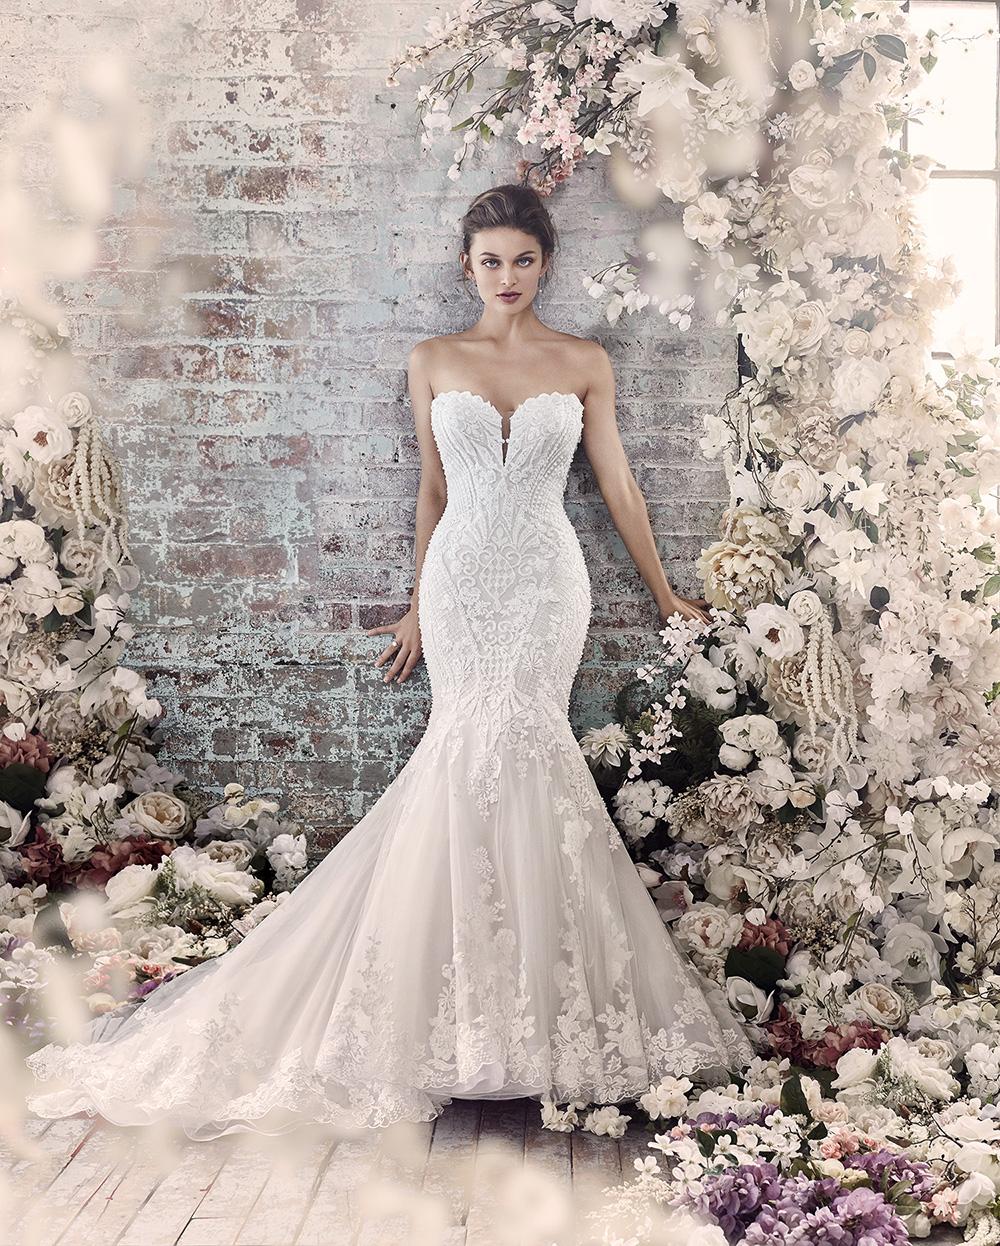 149bbecb Vi selger brudekjoler med alt av tilbehør. • Vi selger og leier ut  brudepikekjoler og tilbyr utleie av dåpskjoler. • Vi er også behjelpelige  med antrekk til ...